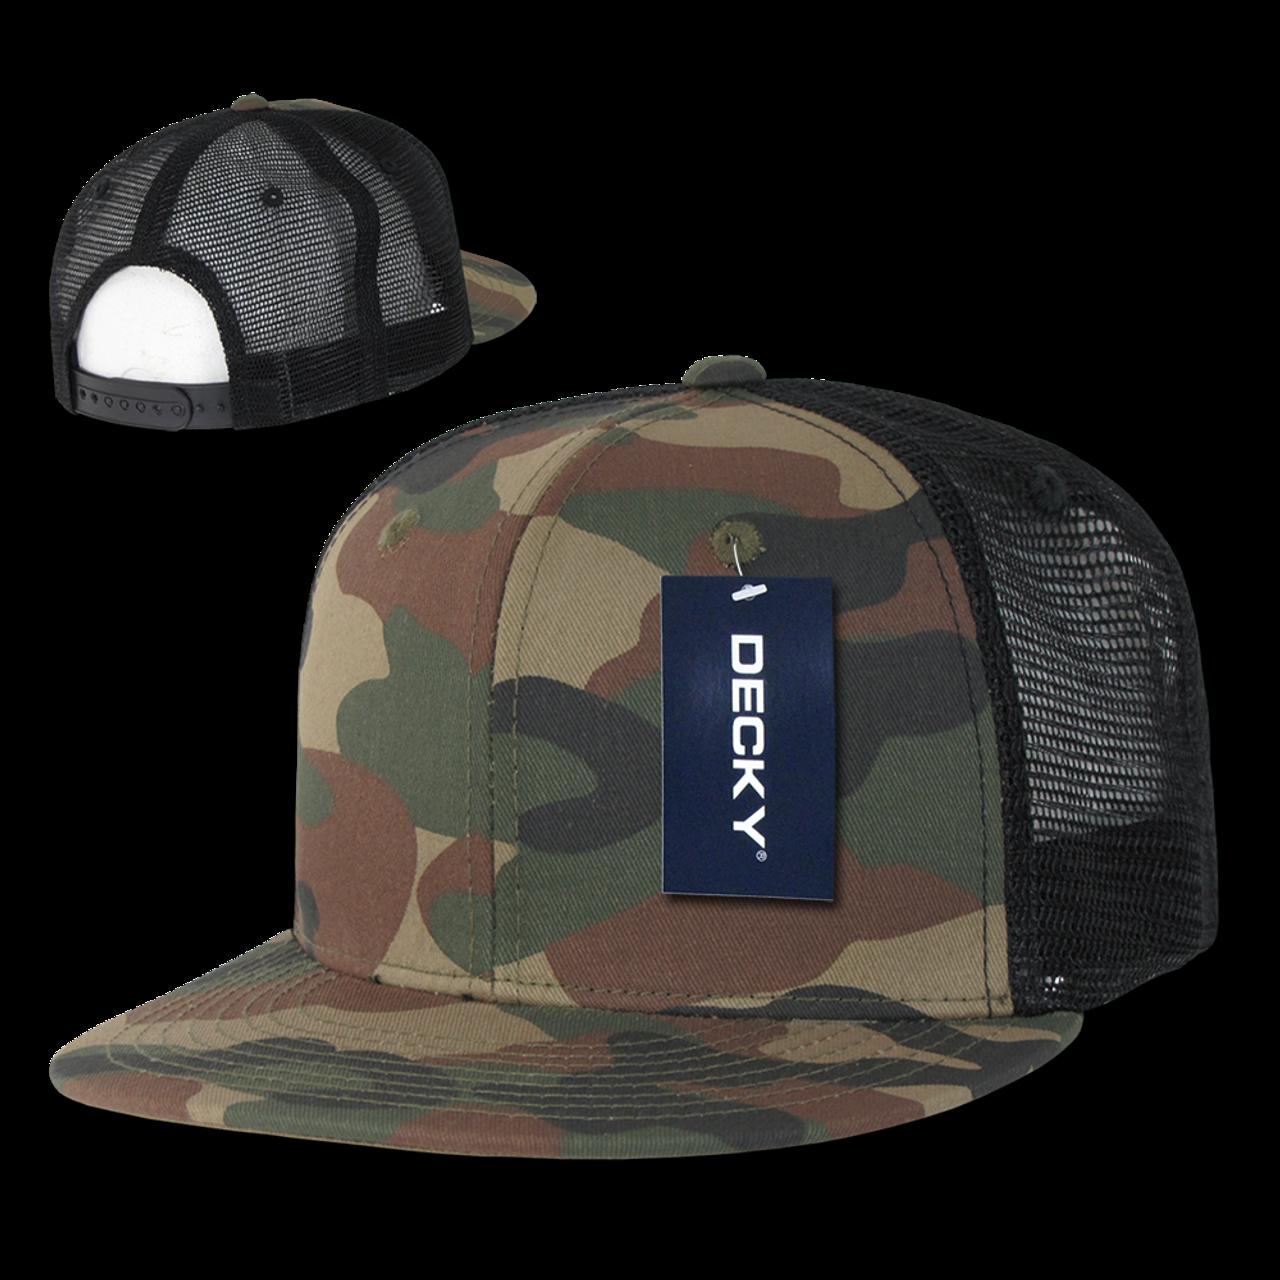 Woodland DECKY 5 Panel Flat Bill Trucker Cap Hats